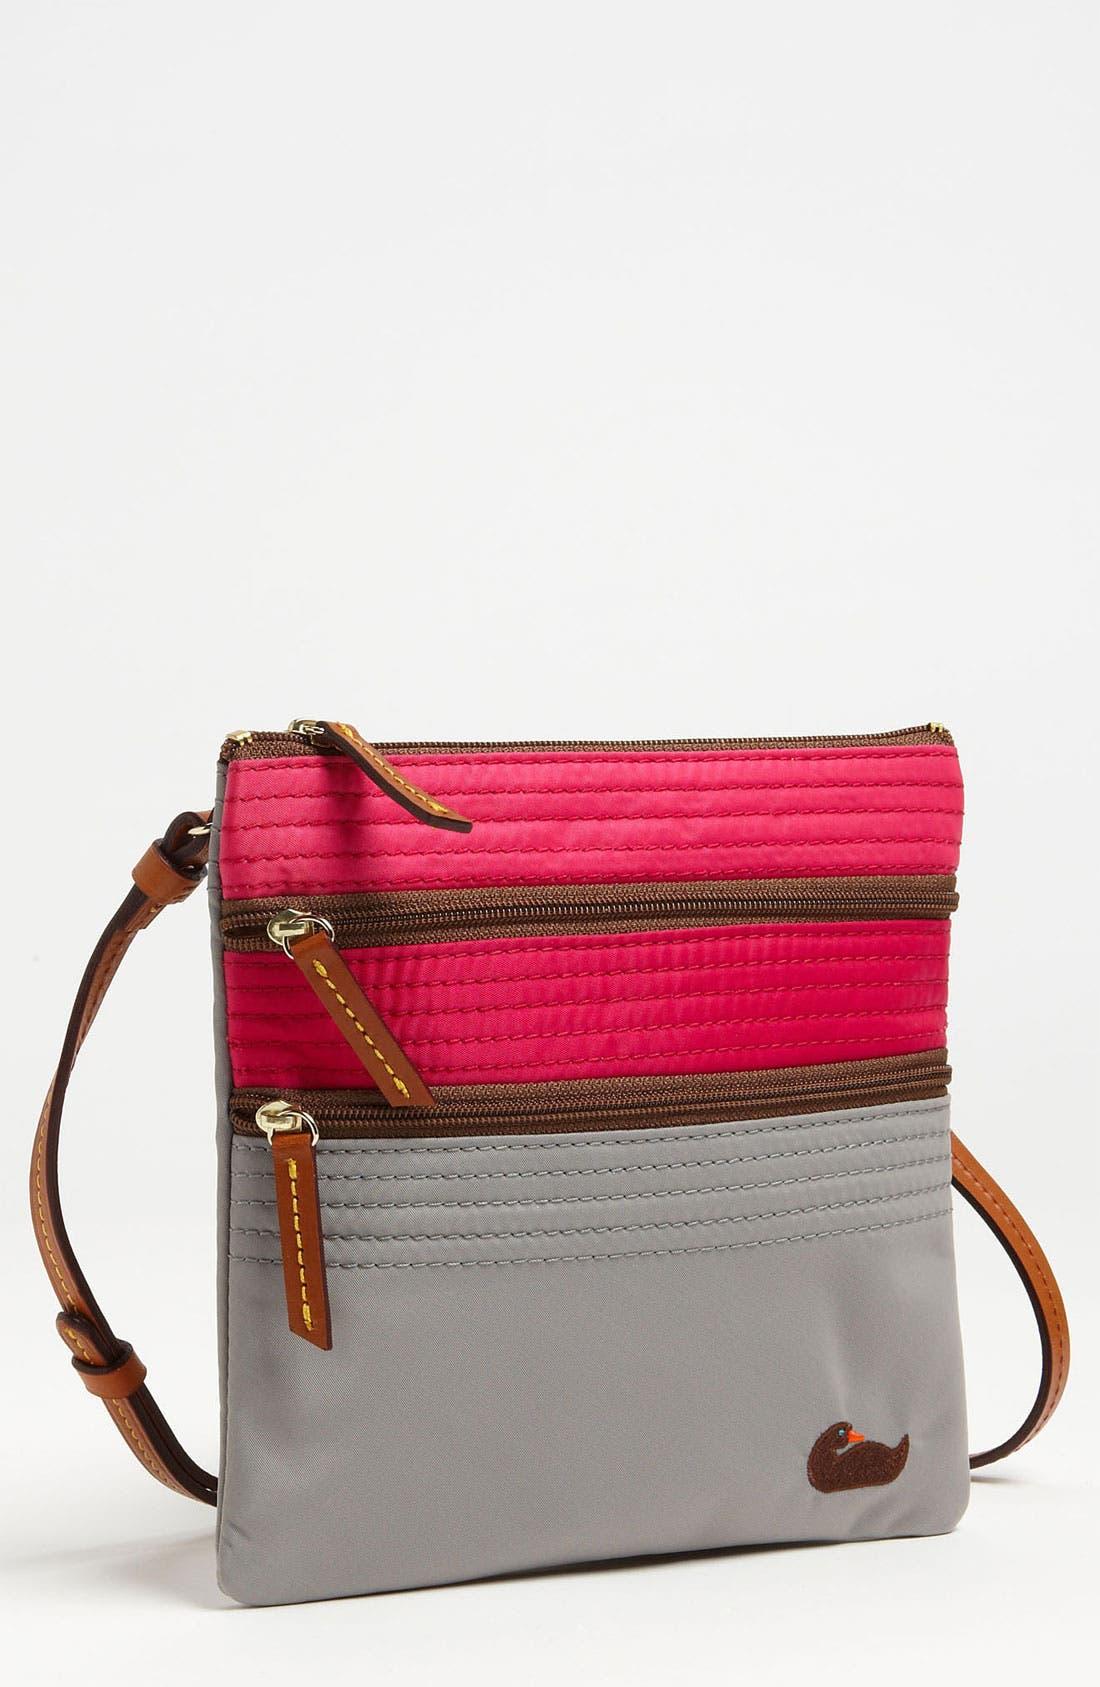 Main Image - Dooney & Bourke Triple Zip Crossbody Bag